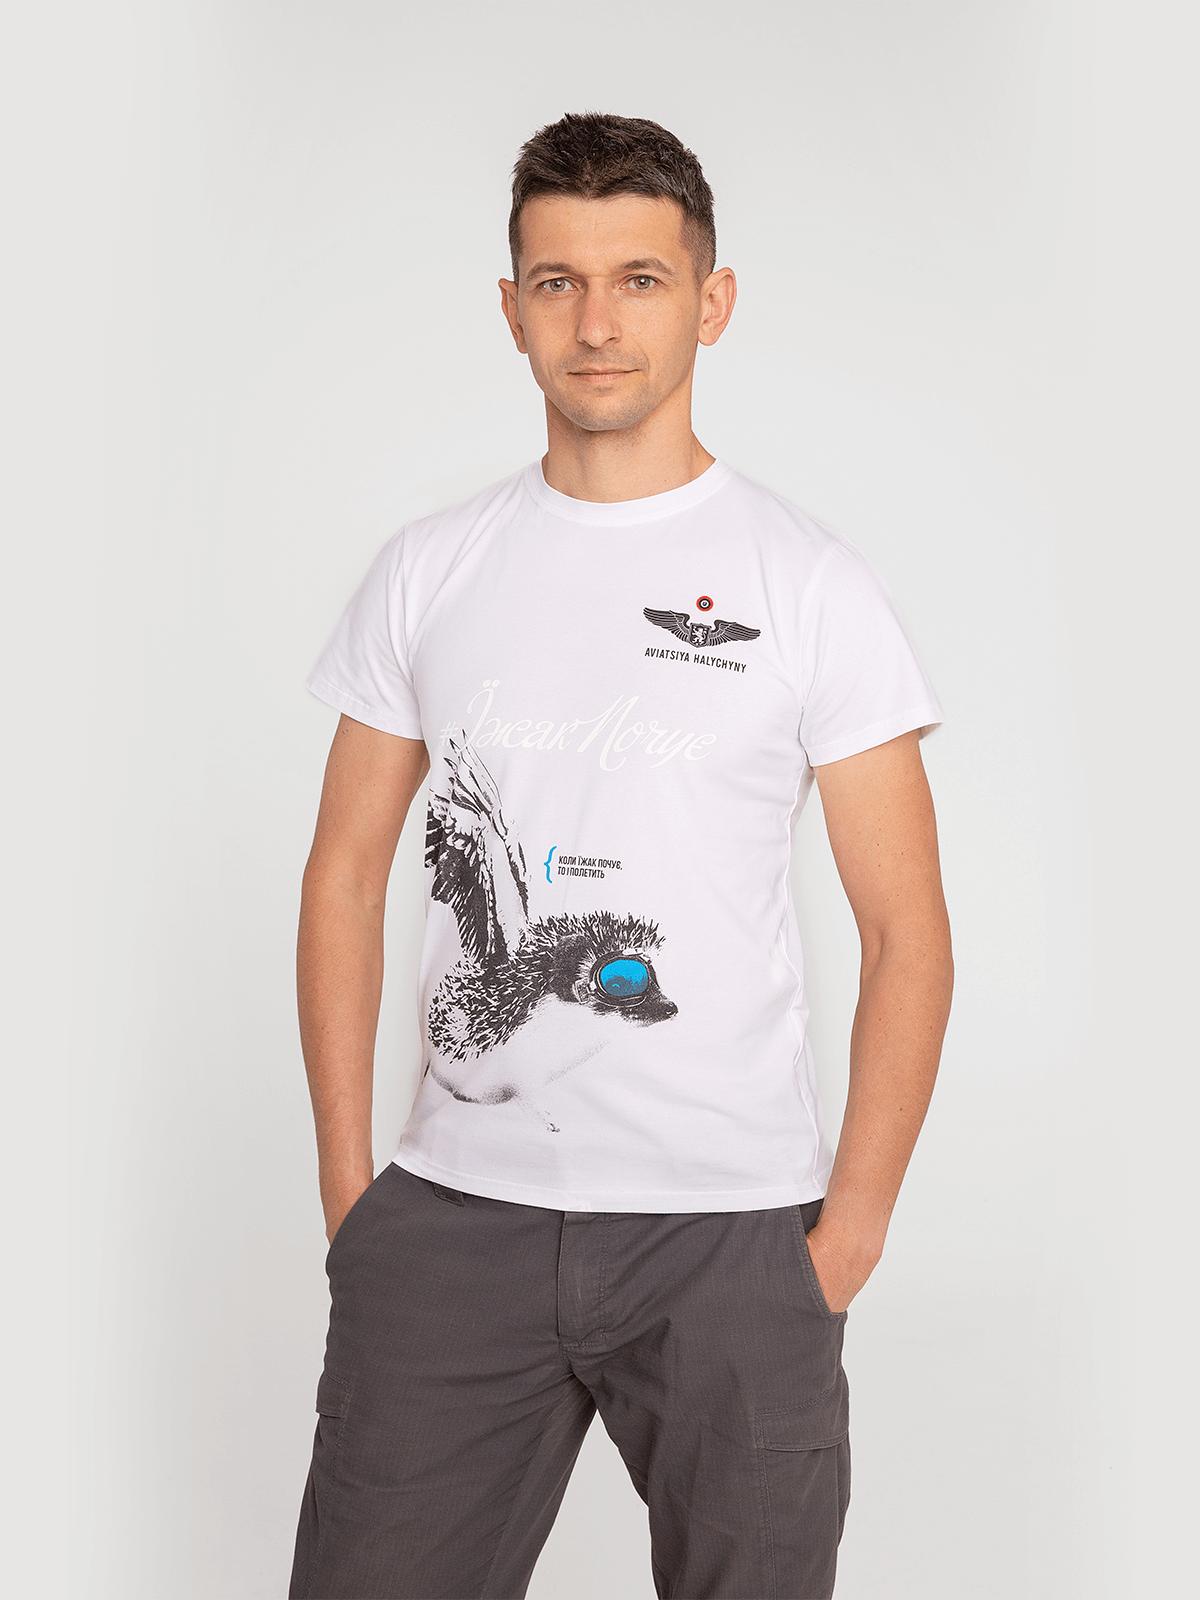 Men's T-Shirt Hedgehog. Color white. Unisex T-shirt (men's sizes).